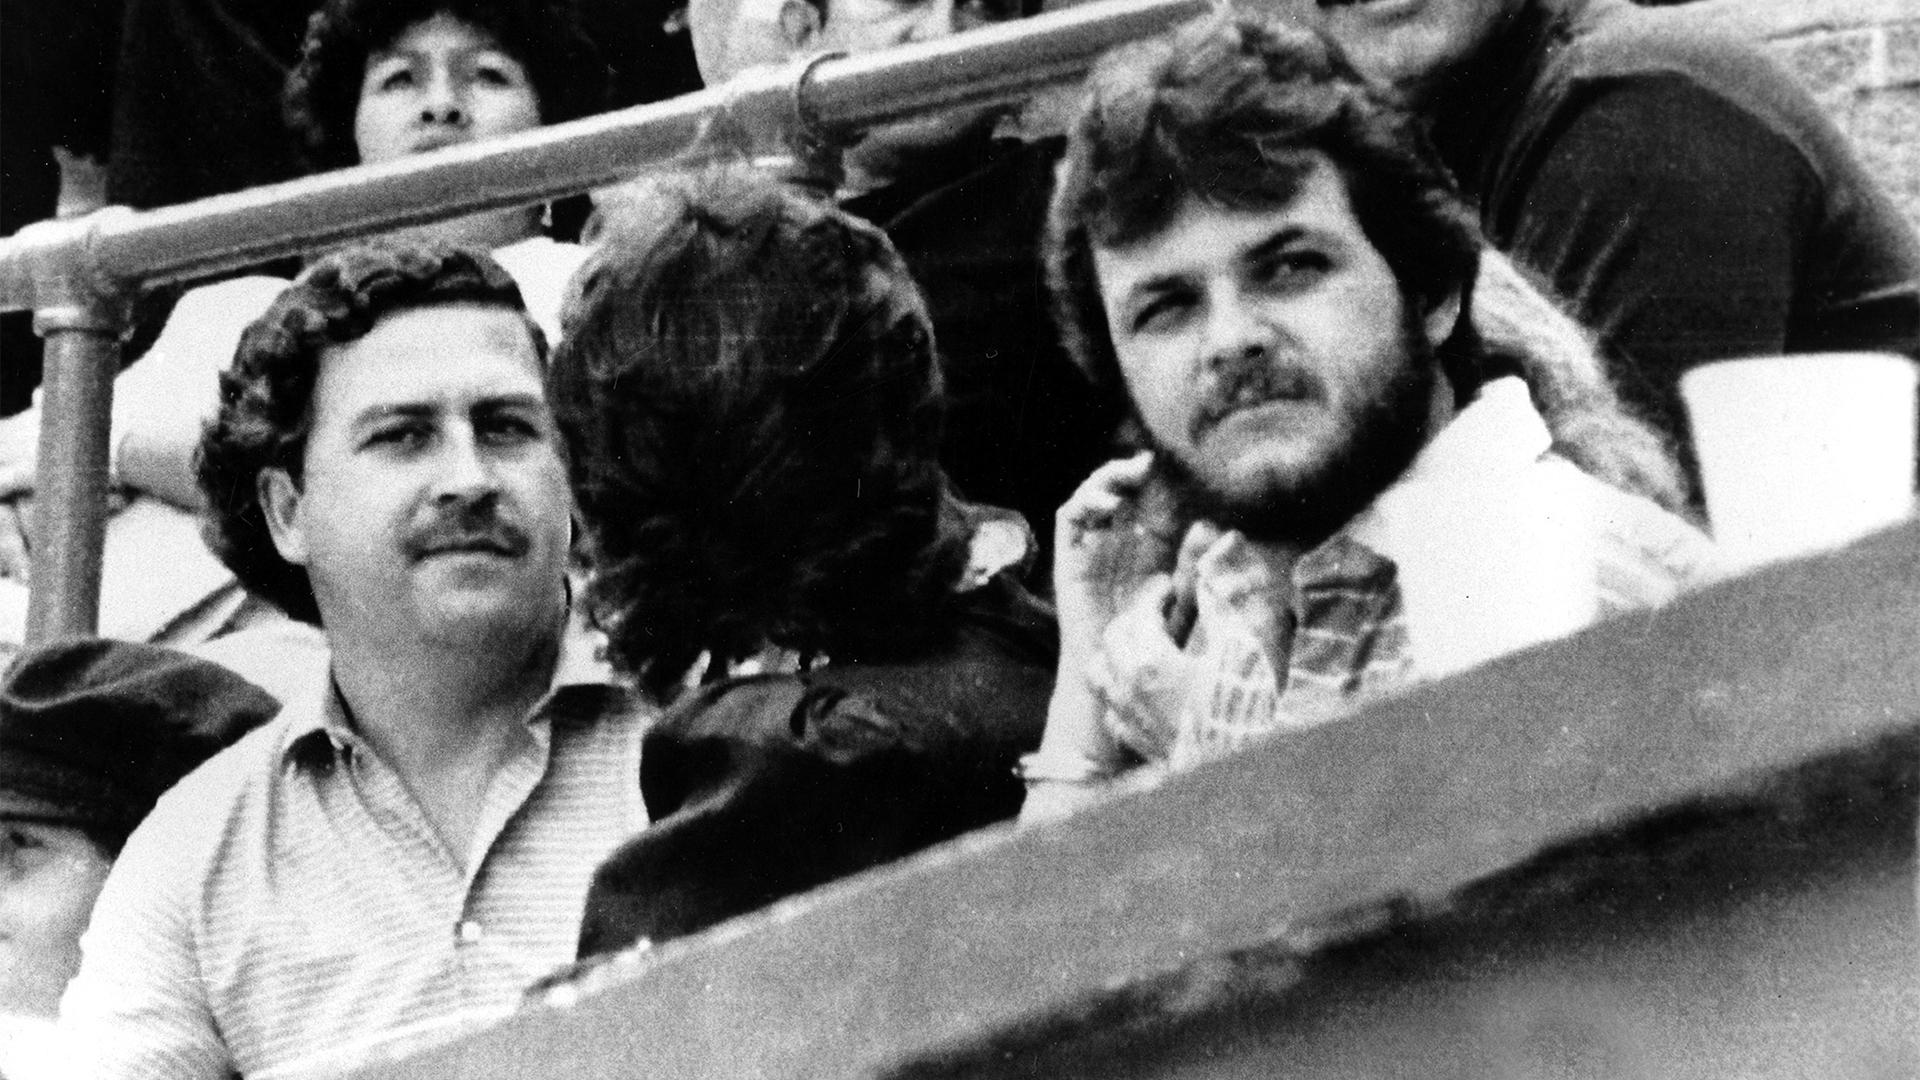 Exsicario le manda saludos a jugador argentino — Pablo Escobar